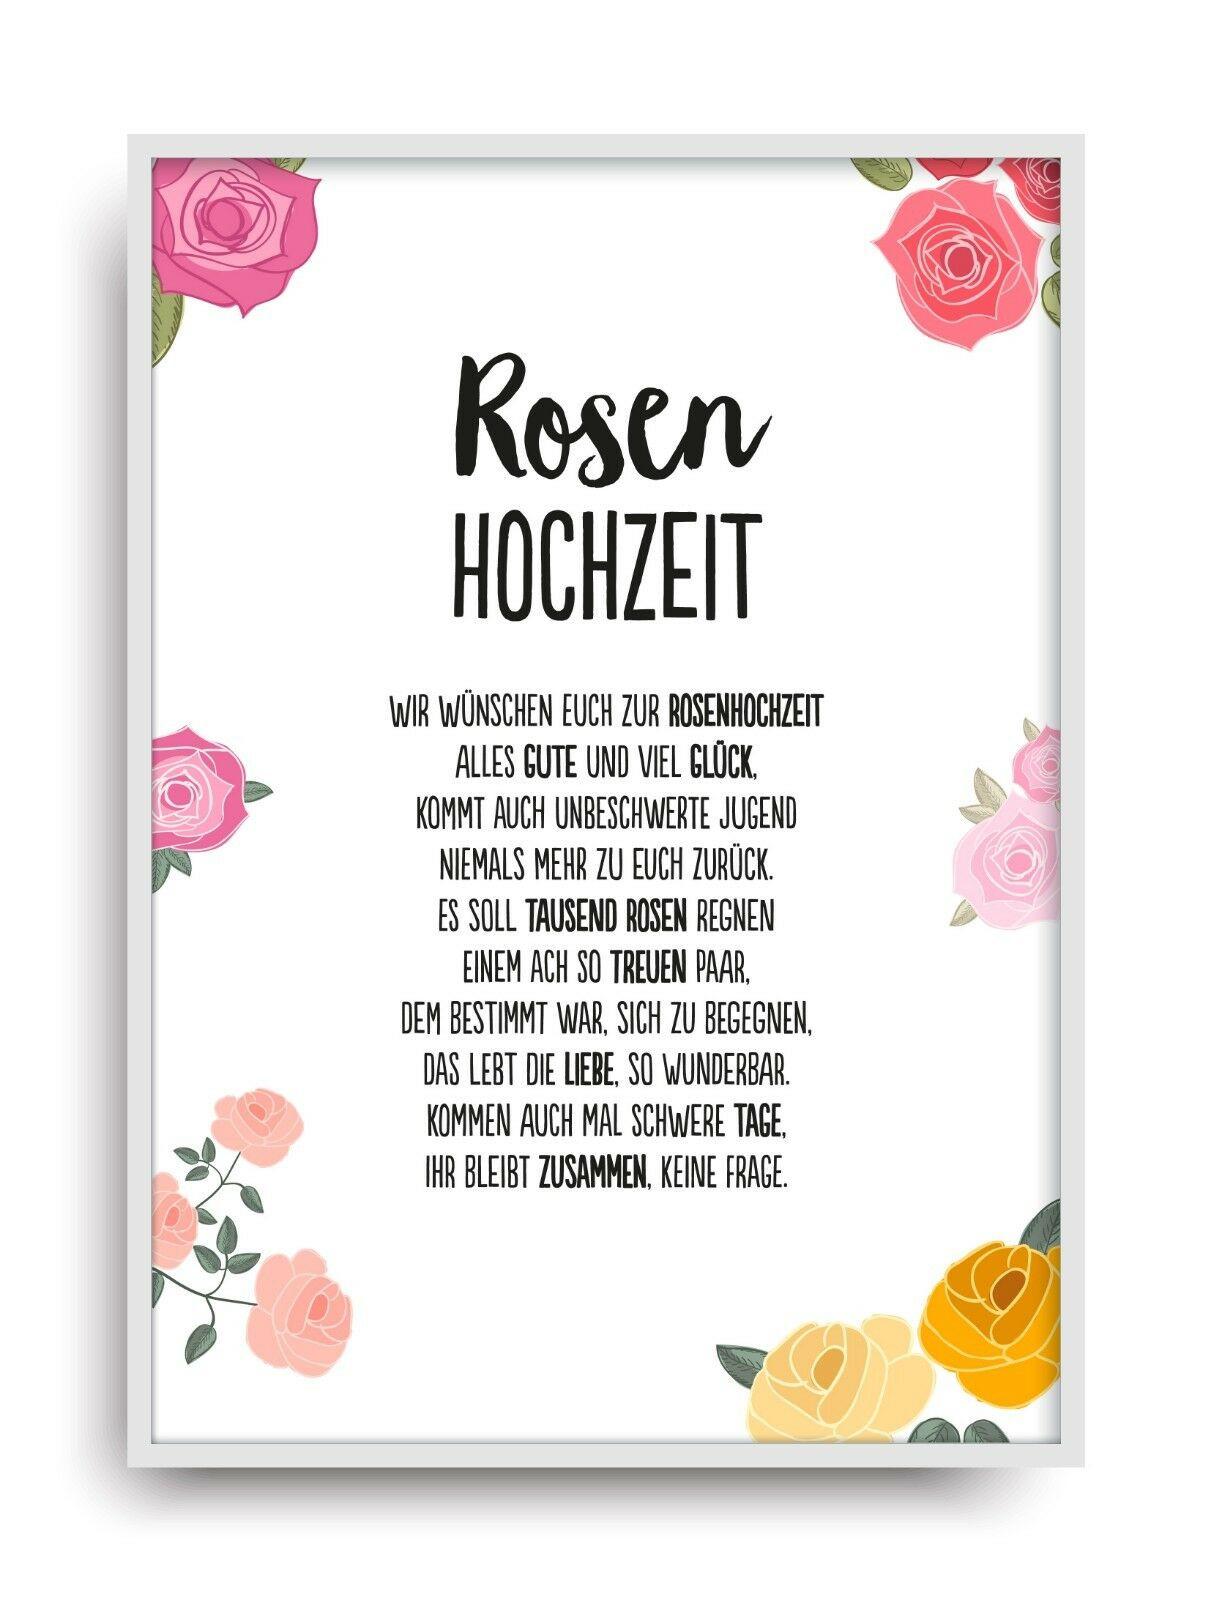 Rosenhochzeit Geschenke  Rosenhochzeit Mehr als 20 Angebote Fotos Preise